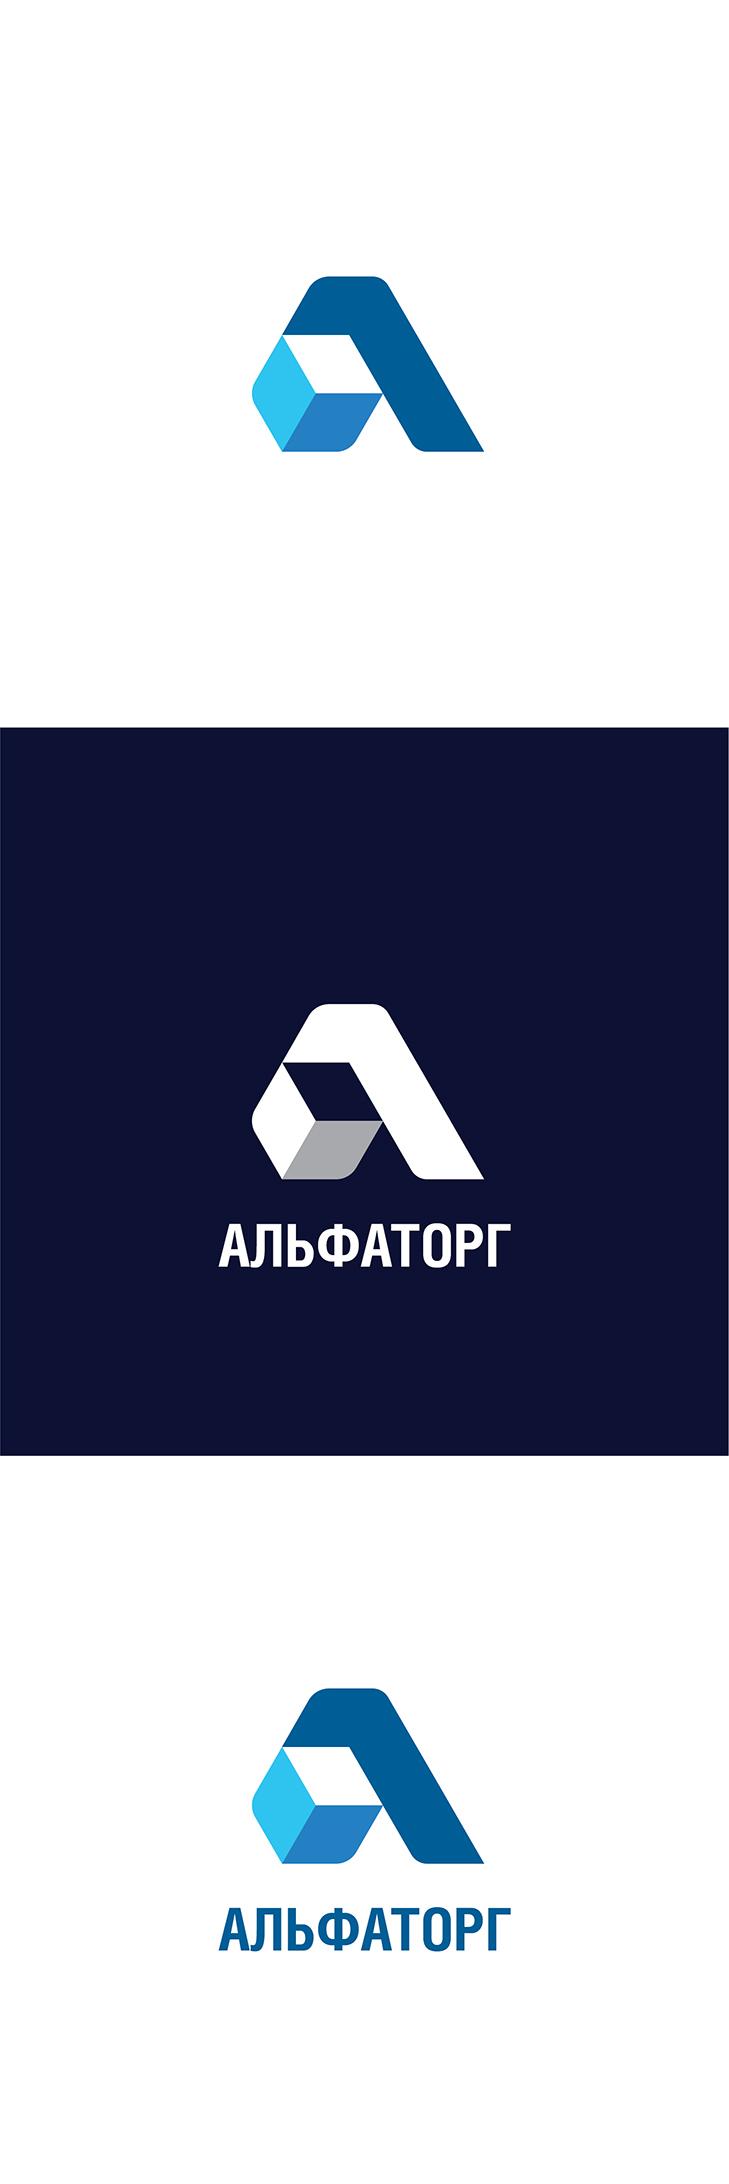 Логотип и фирменный стиль фото f_4355f0b3f74aaa3d.jpg